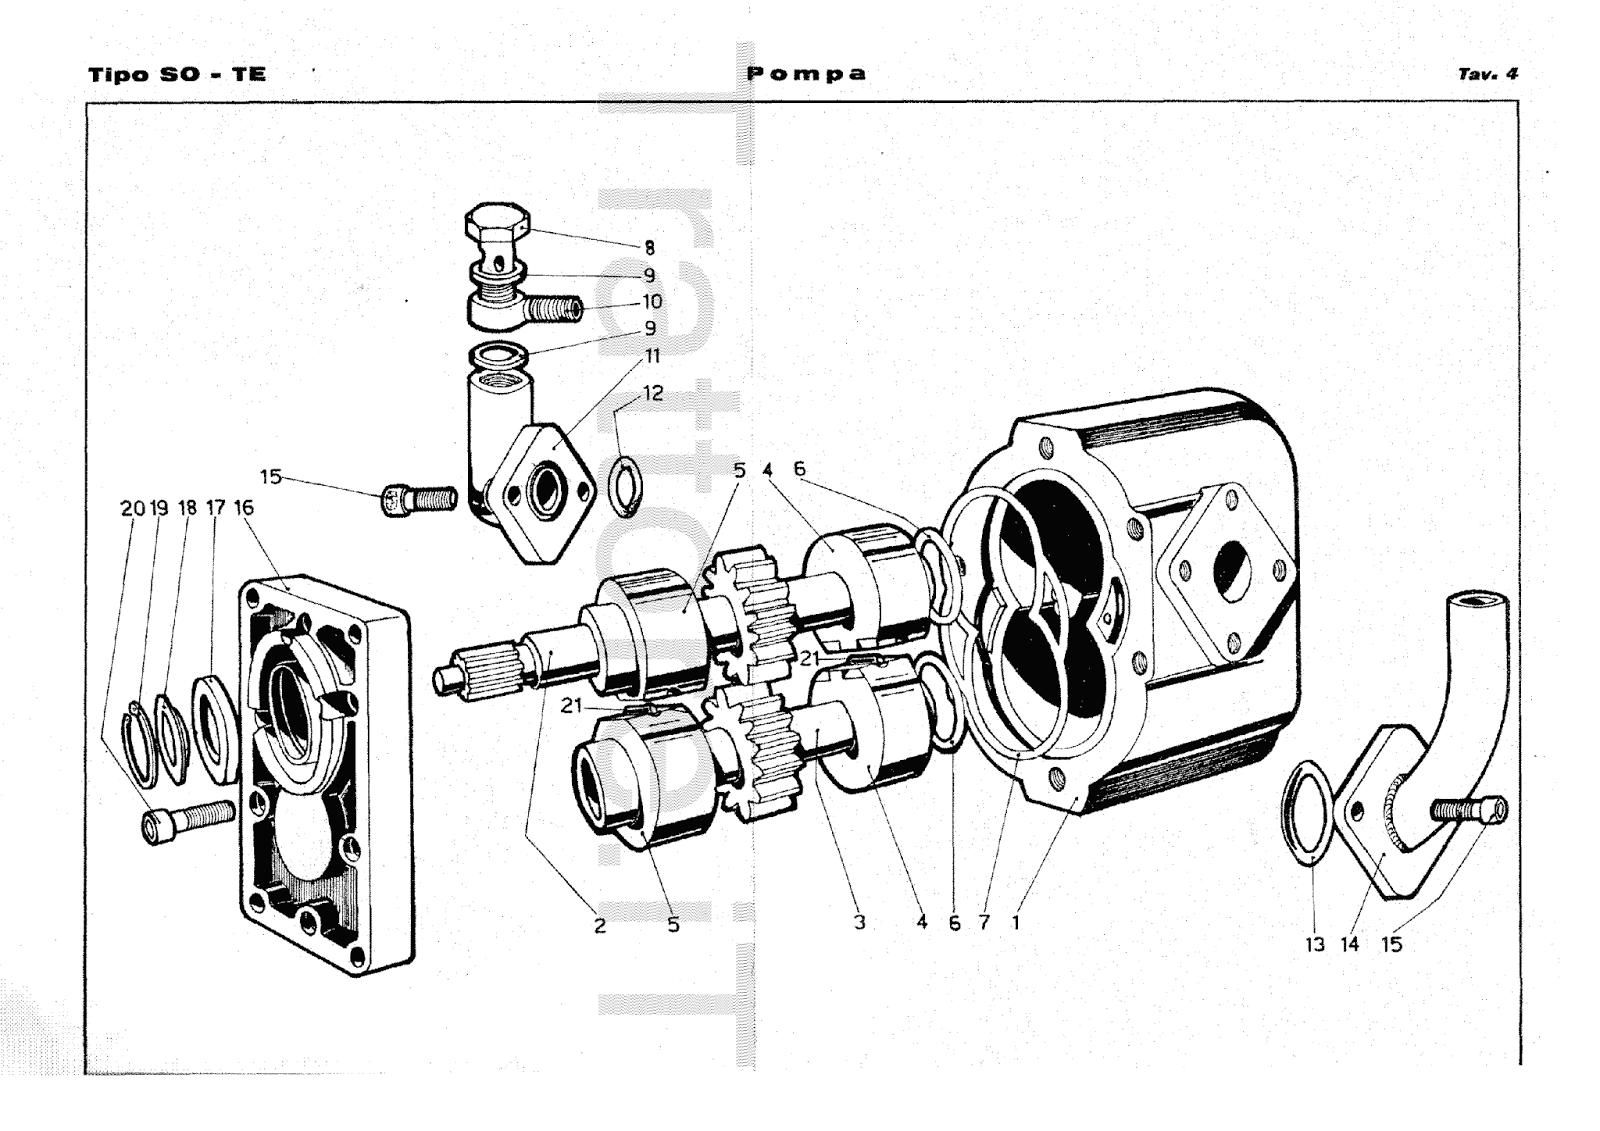 InfoTrattore.it: Avantreno Motore Pasquali SO-TE manuale